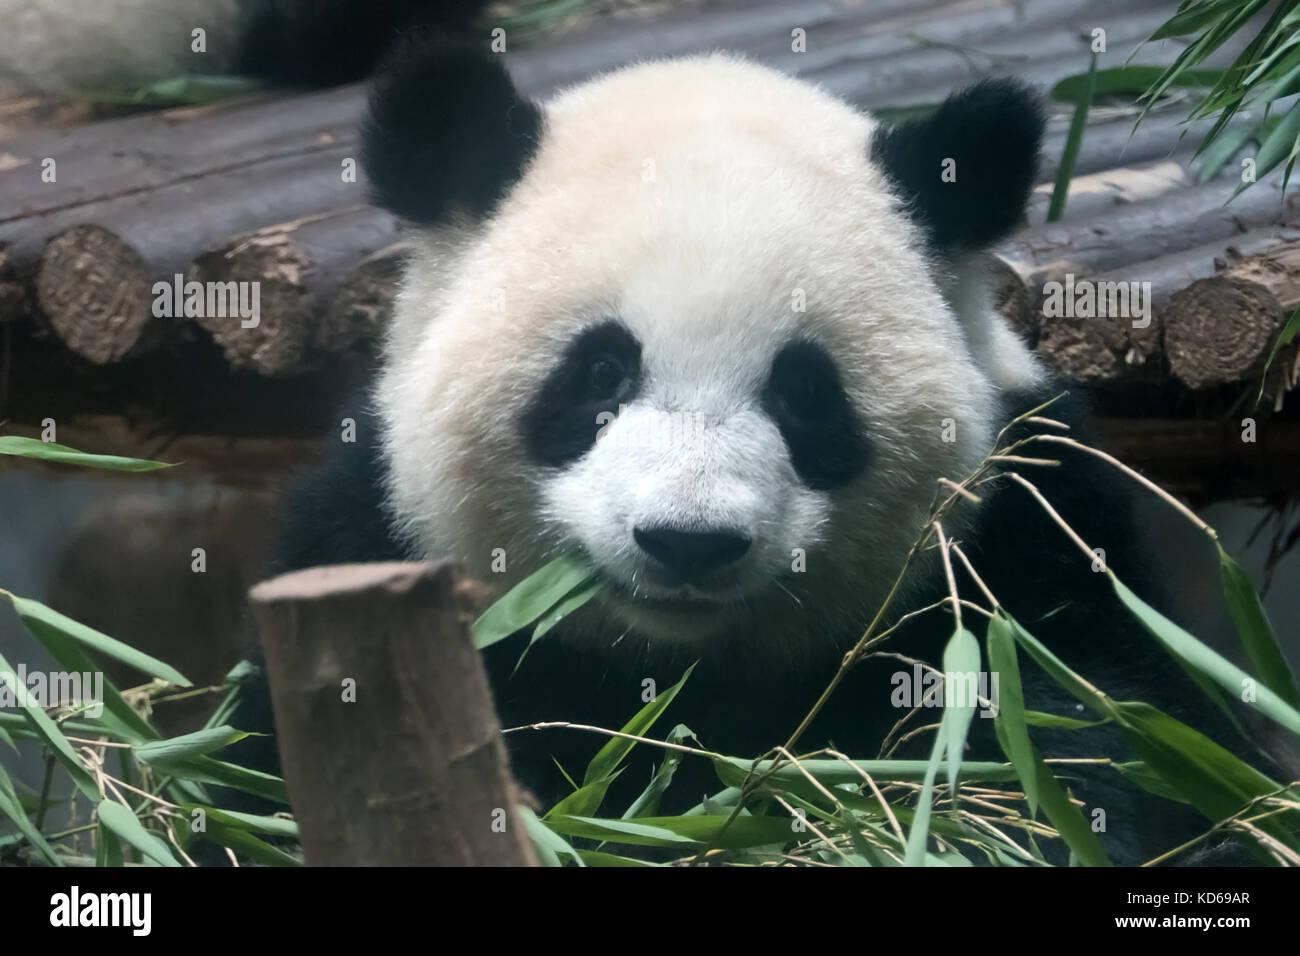 Chengdu Panda Forschungs Und Aufzuchtstation In China Und Asien